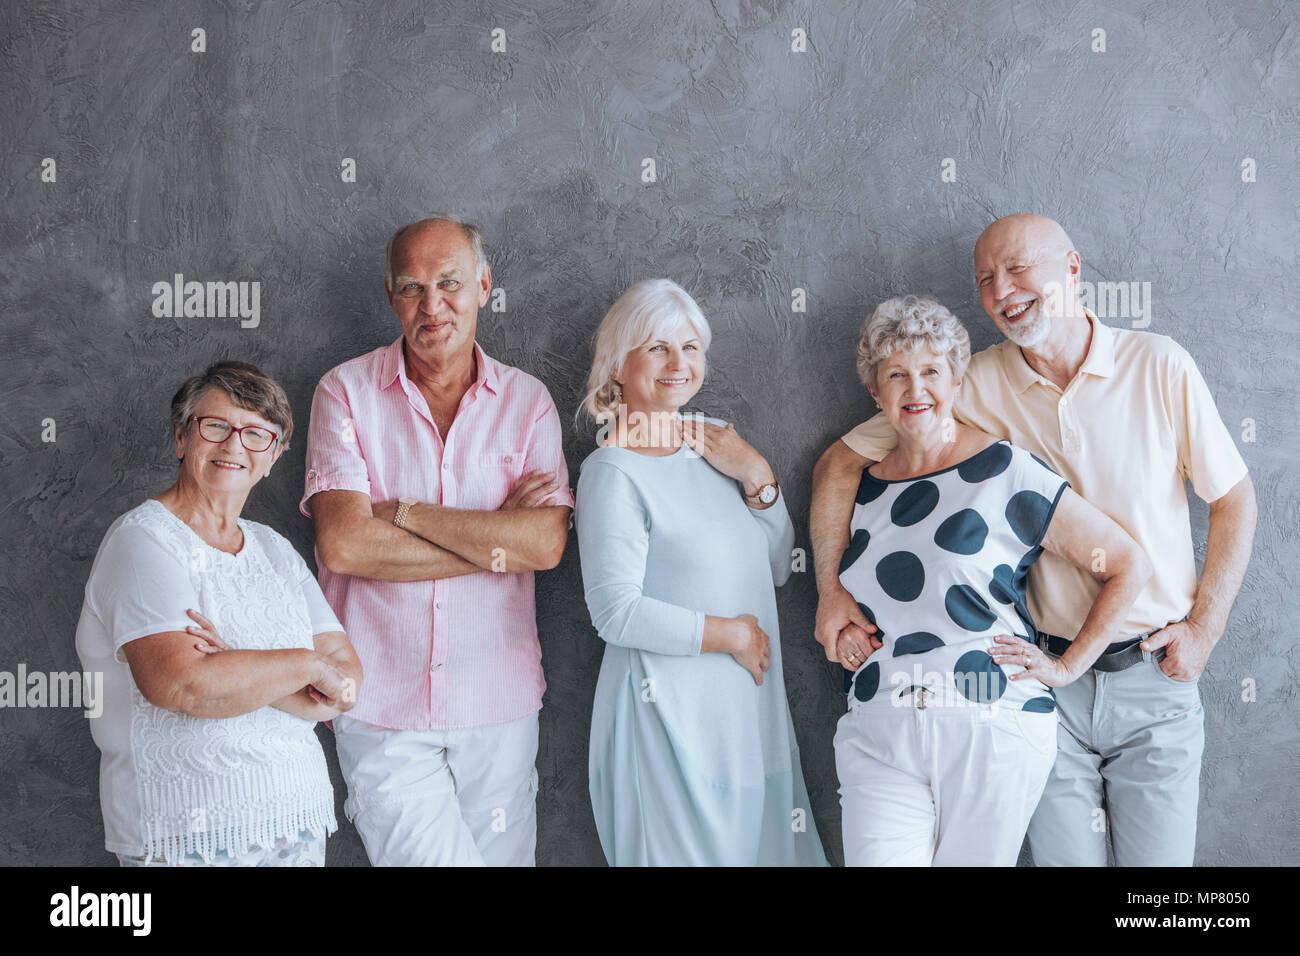 Heureux les personnes âgées dans les tenues contre mur de béton. Concept de l'amitié aînés Photo Stock